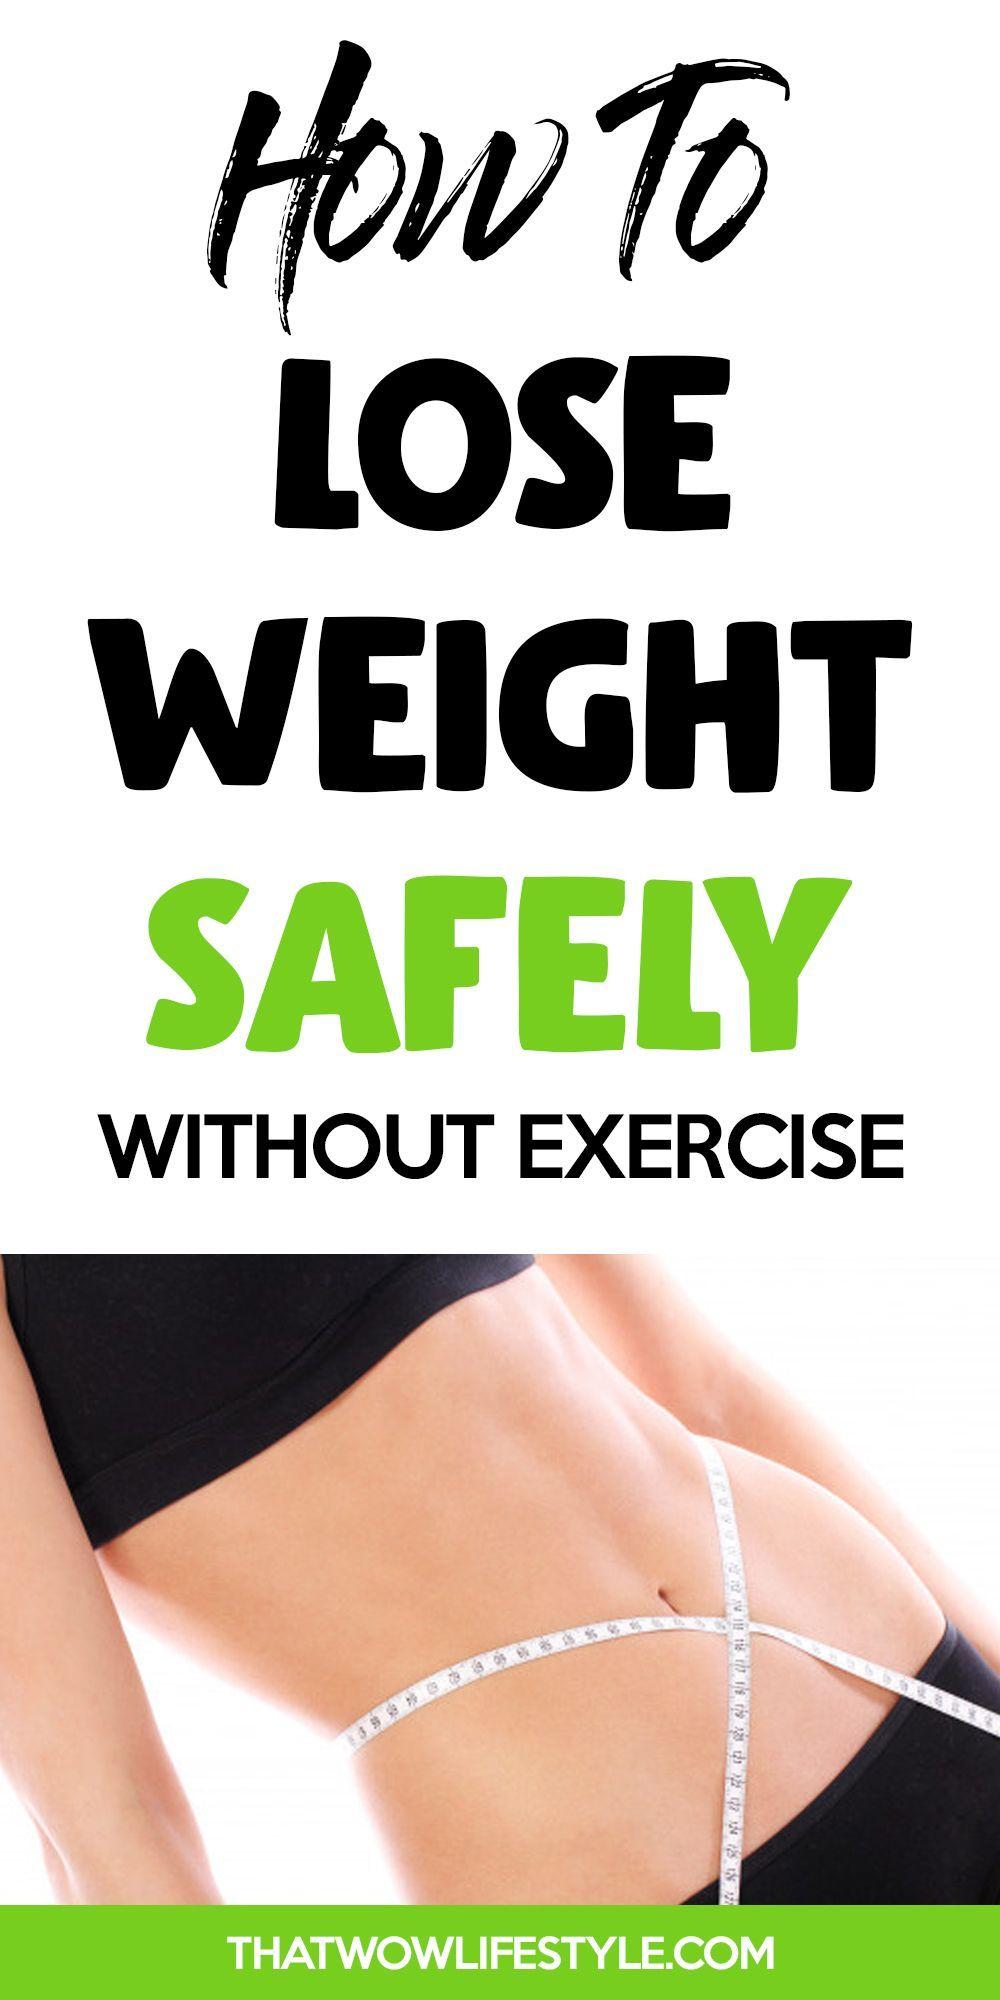 comment perdre du poids meilleure boisson Vit b5 perte de poids